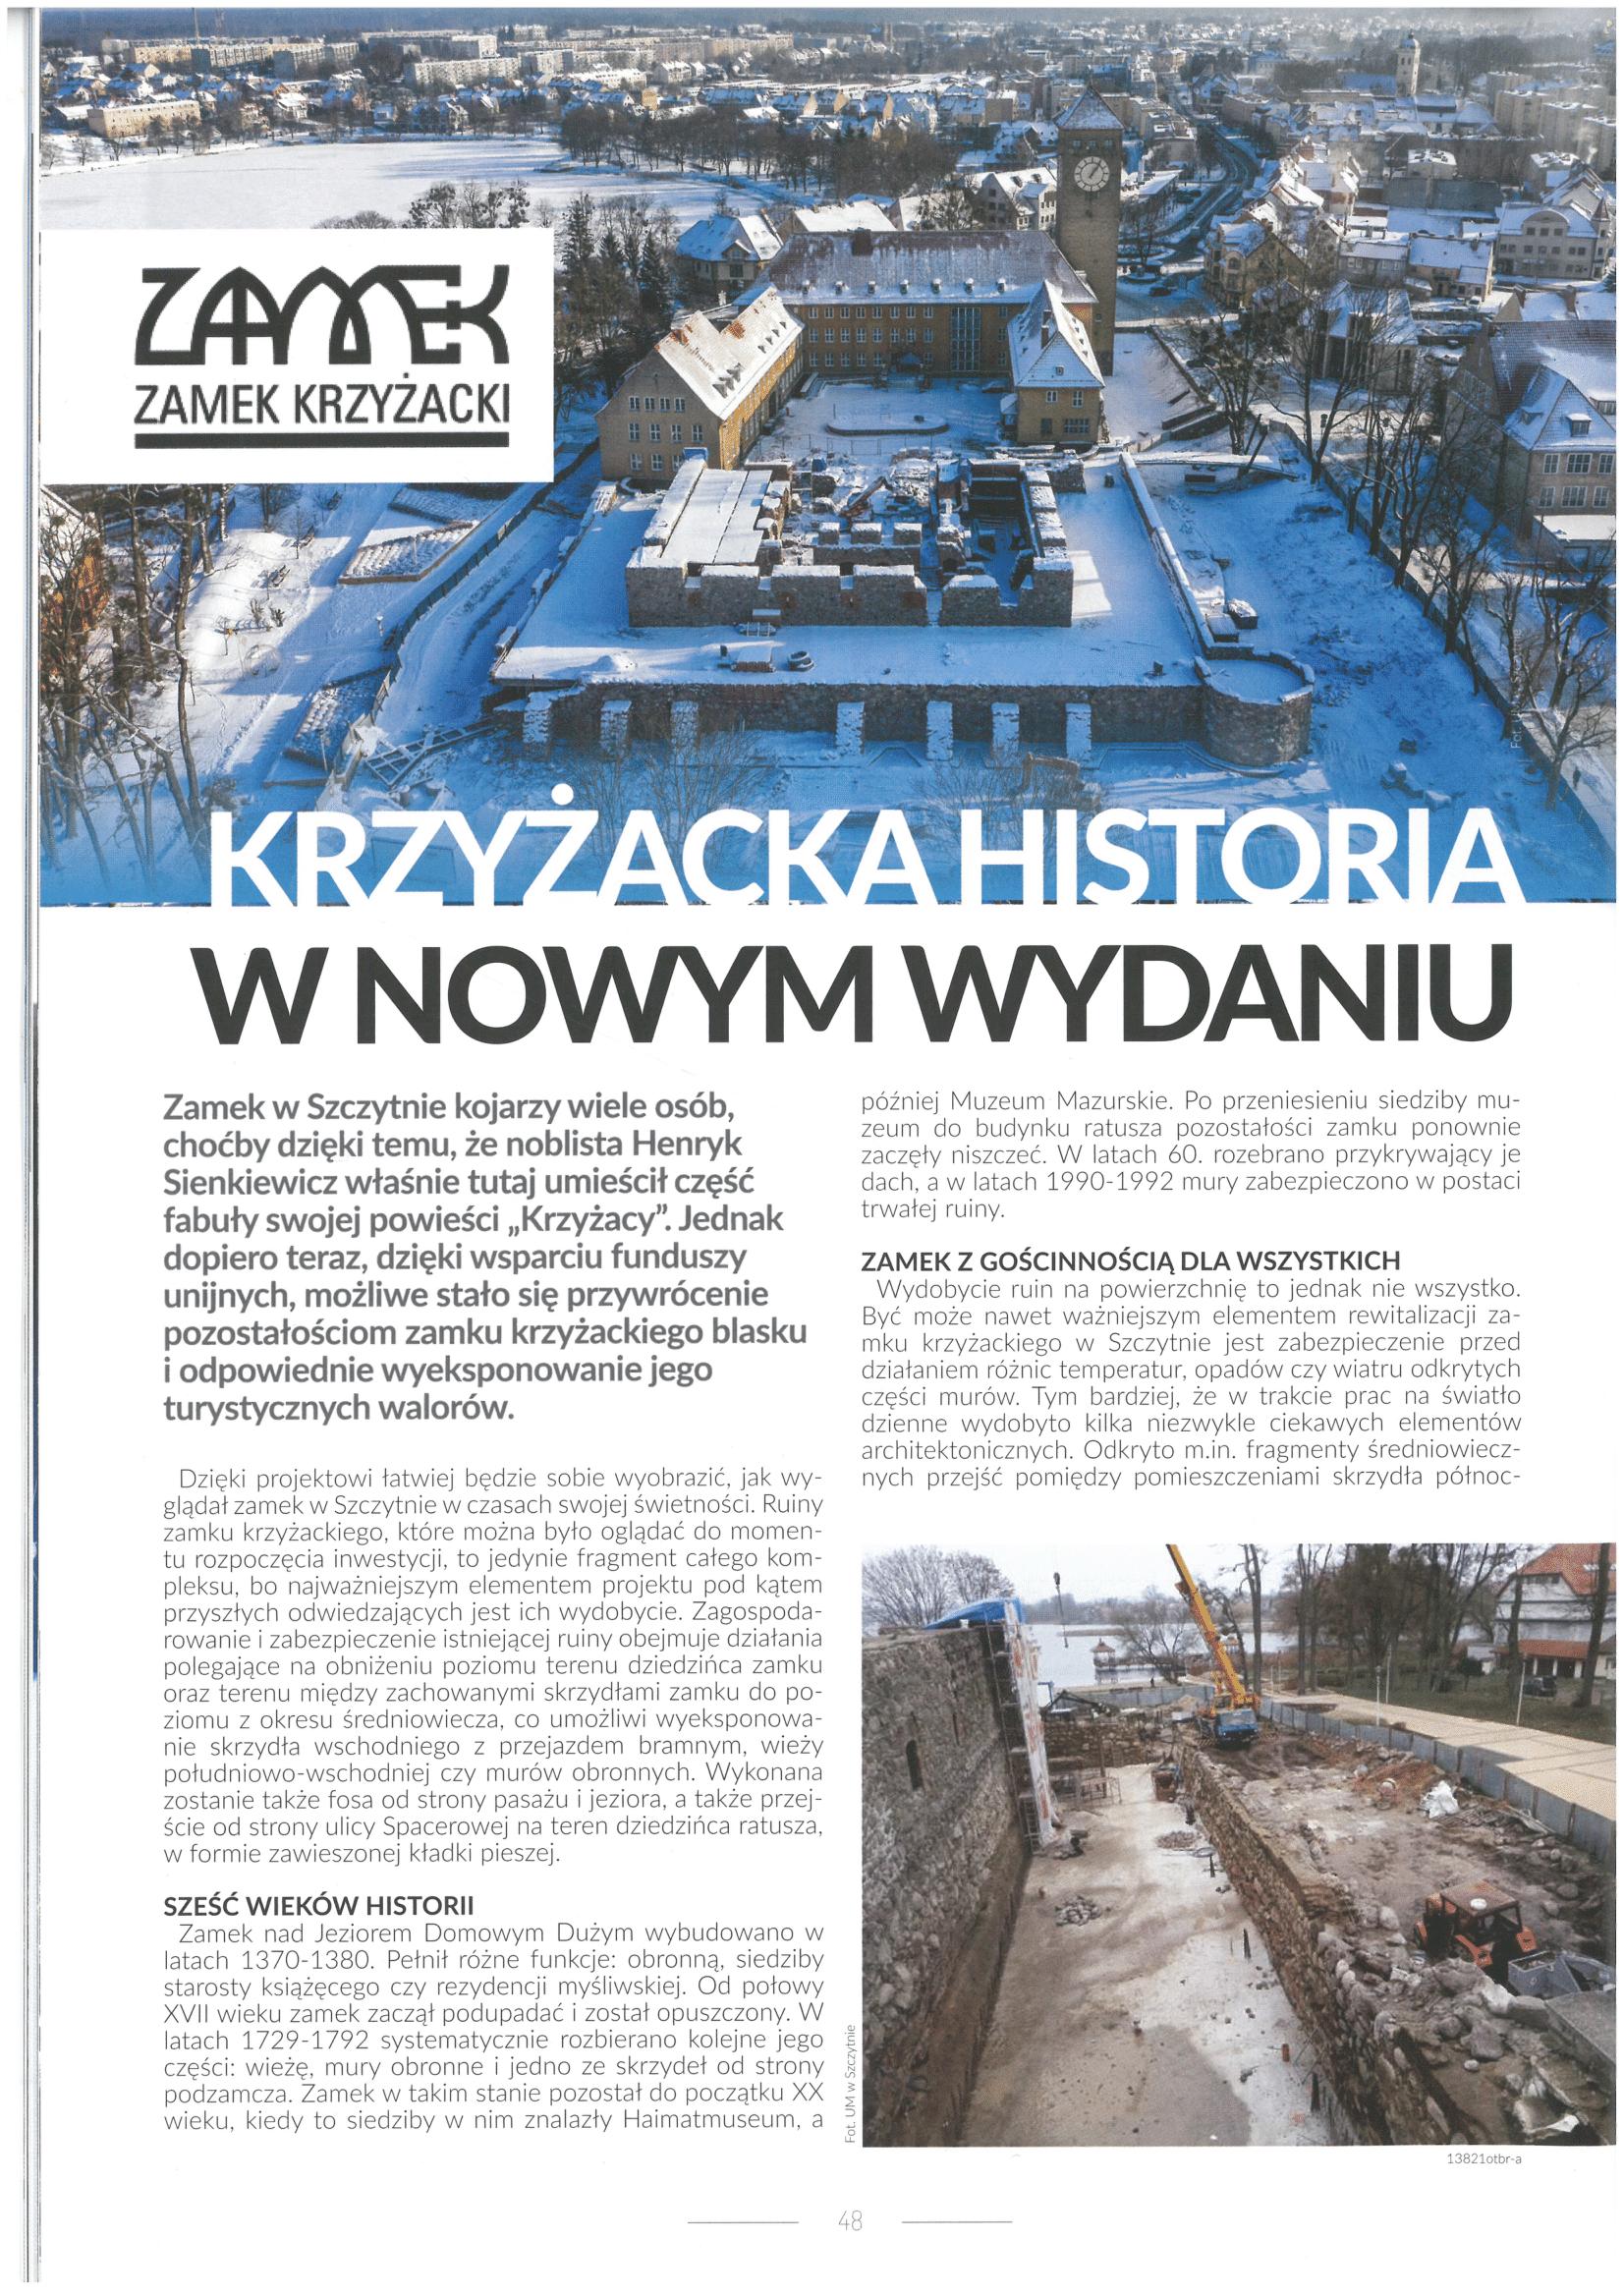 https://m.powiatszczycienski.pl/2021/06/orig/martki-warmii-i-mazur-1-z-2-1-40931.png